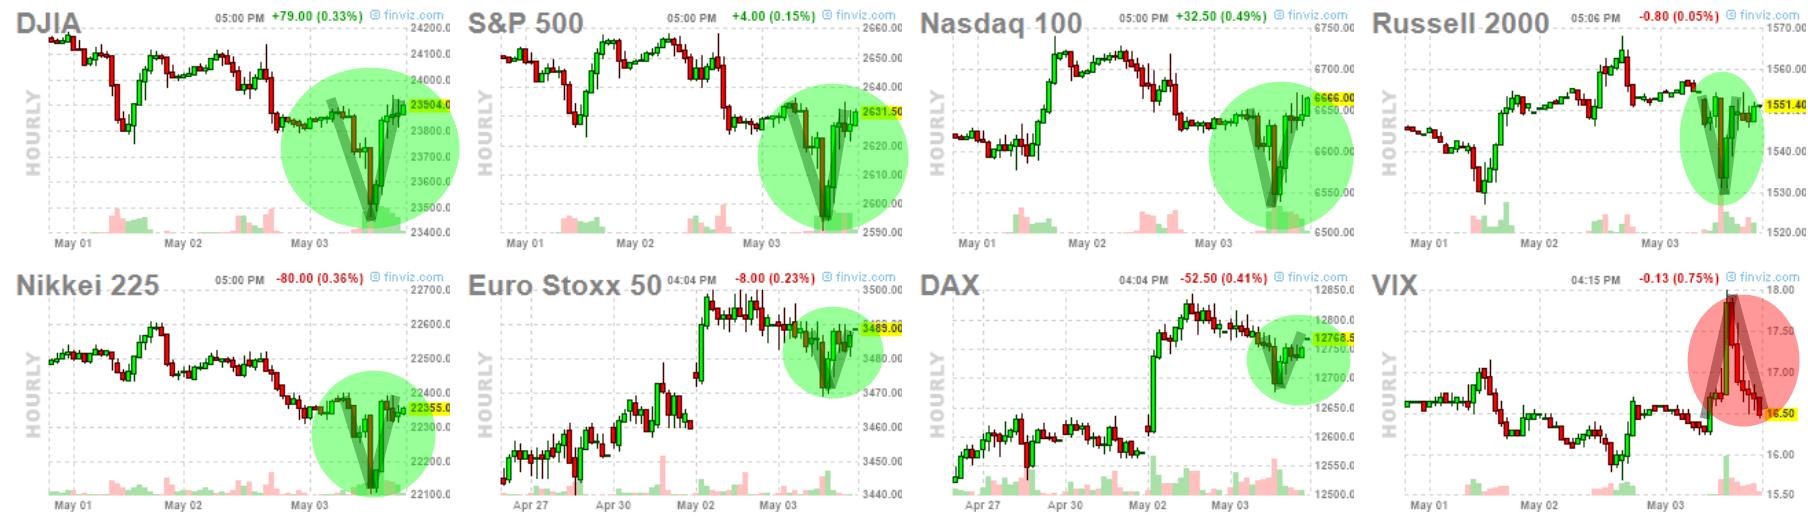 4-mayo-cierre-usa% - Otra sesión más donde en Wall Street lo gira al contrario del cierre europeo